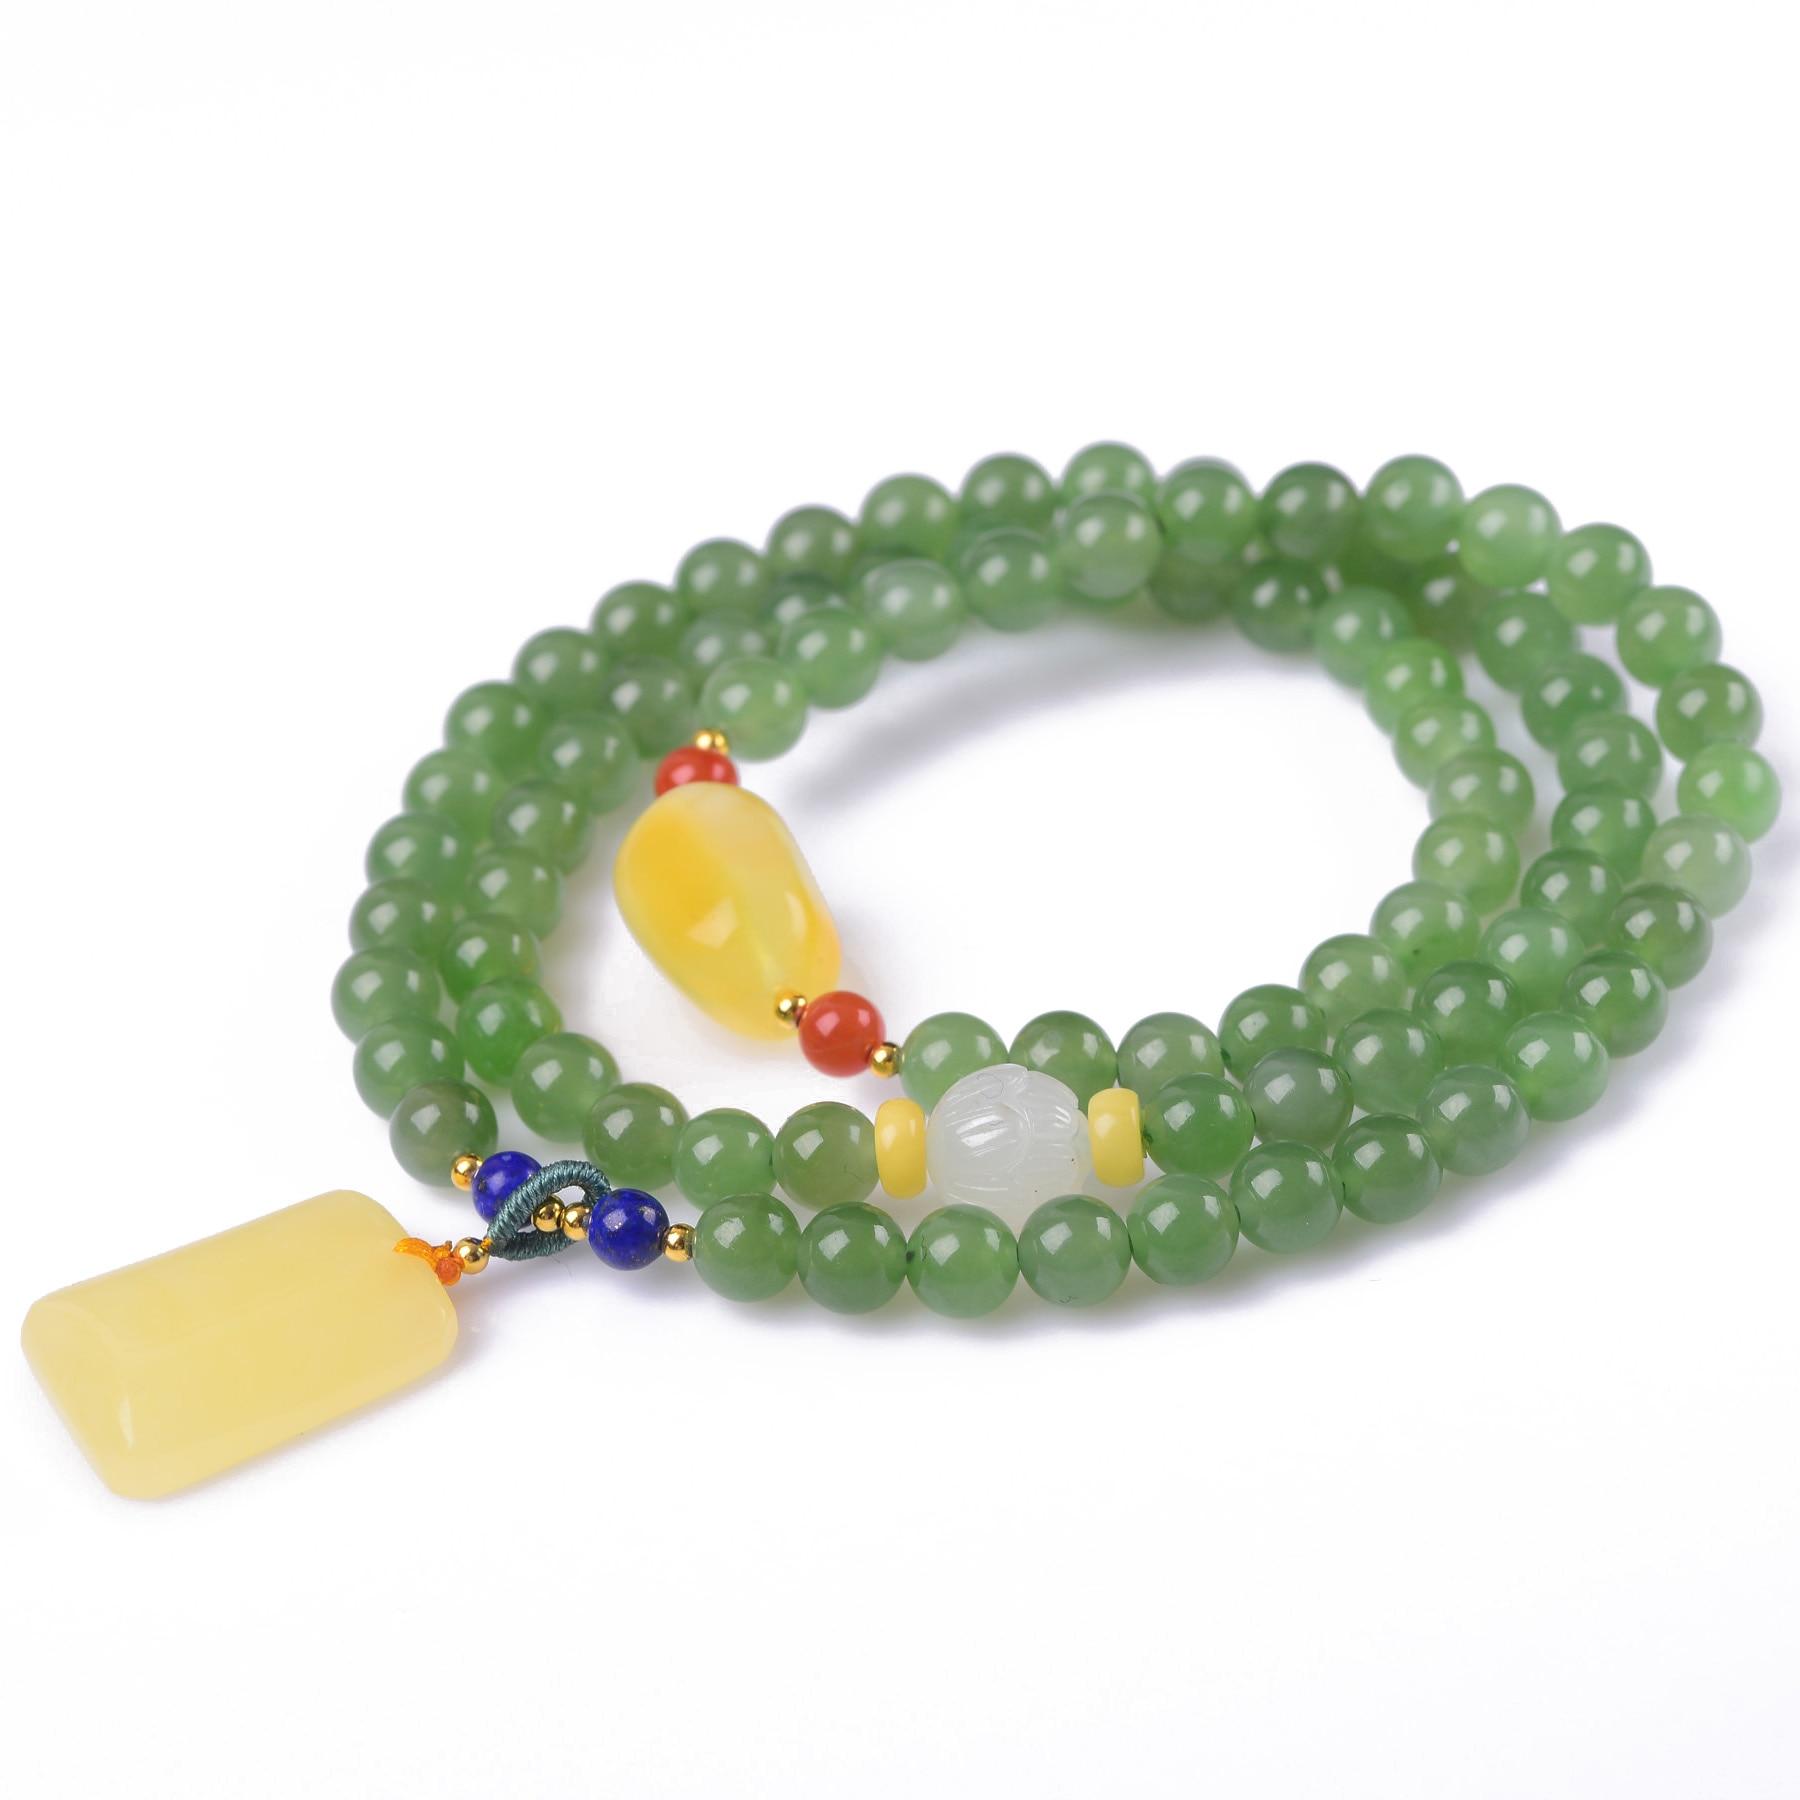 Здесь продается  Handmade Authentic Green Crystal Beads Bracelets 6mm  Ювелирные изделия и часы